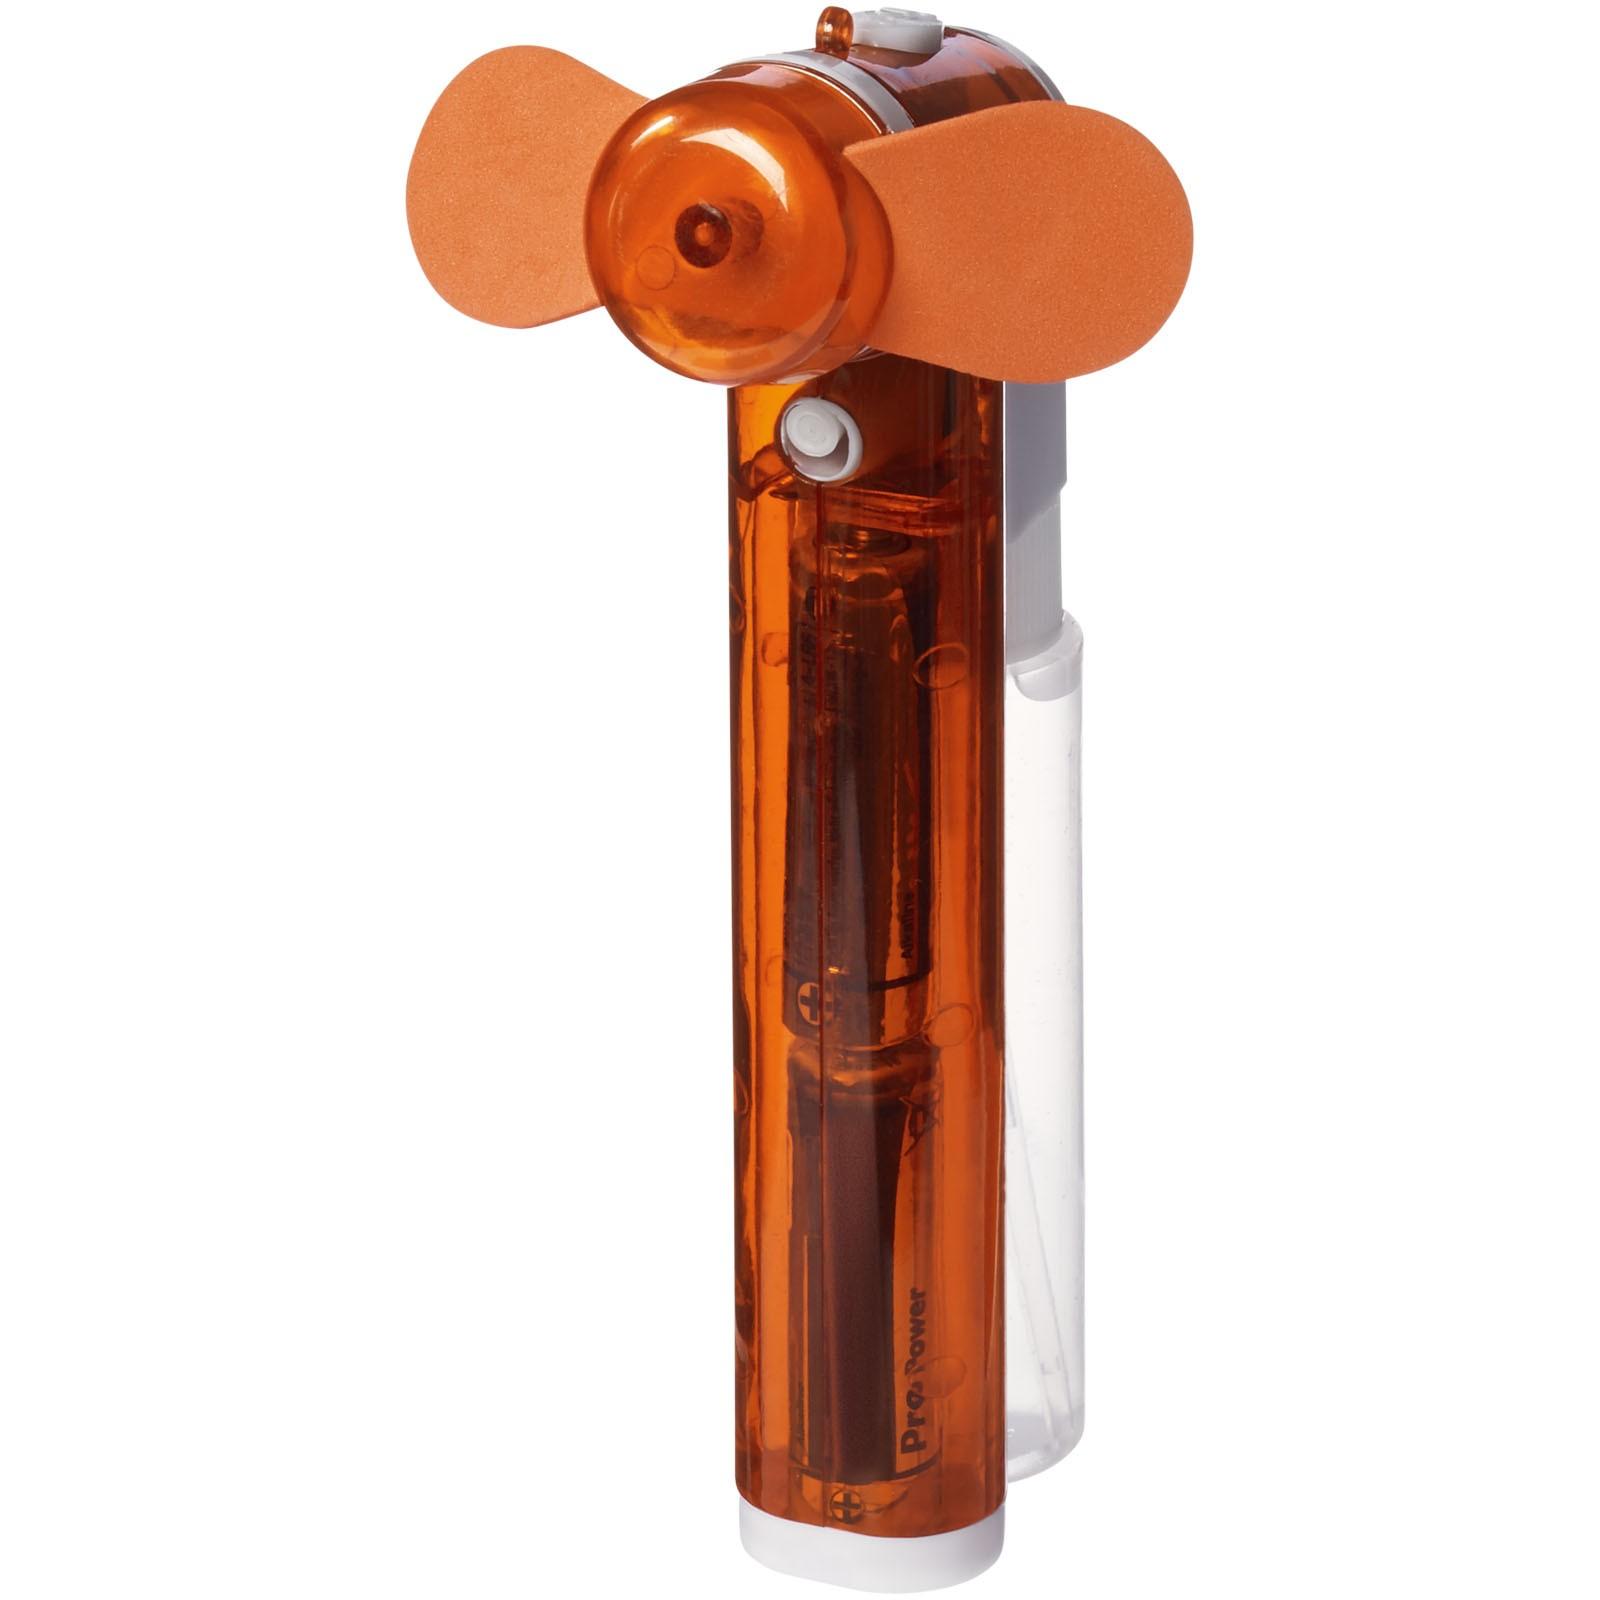 Fiji Wasser Taschenventilator - Orange